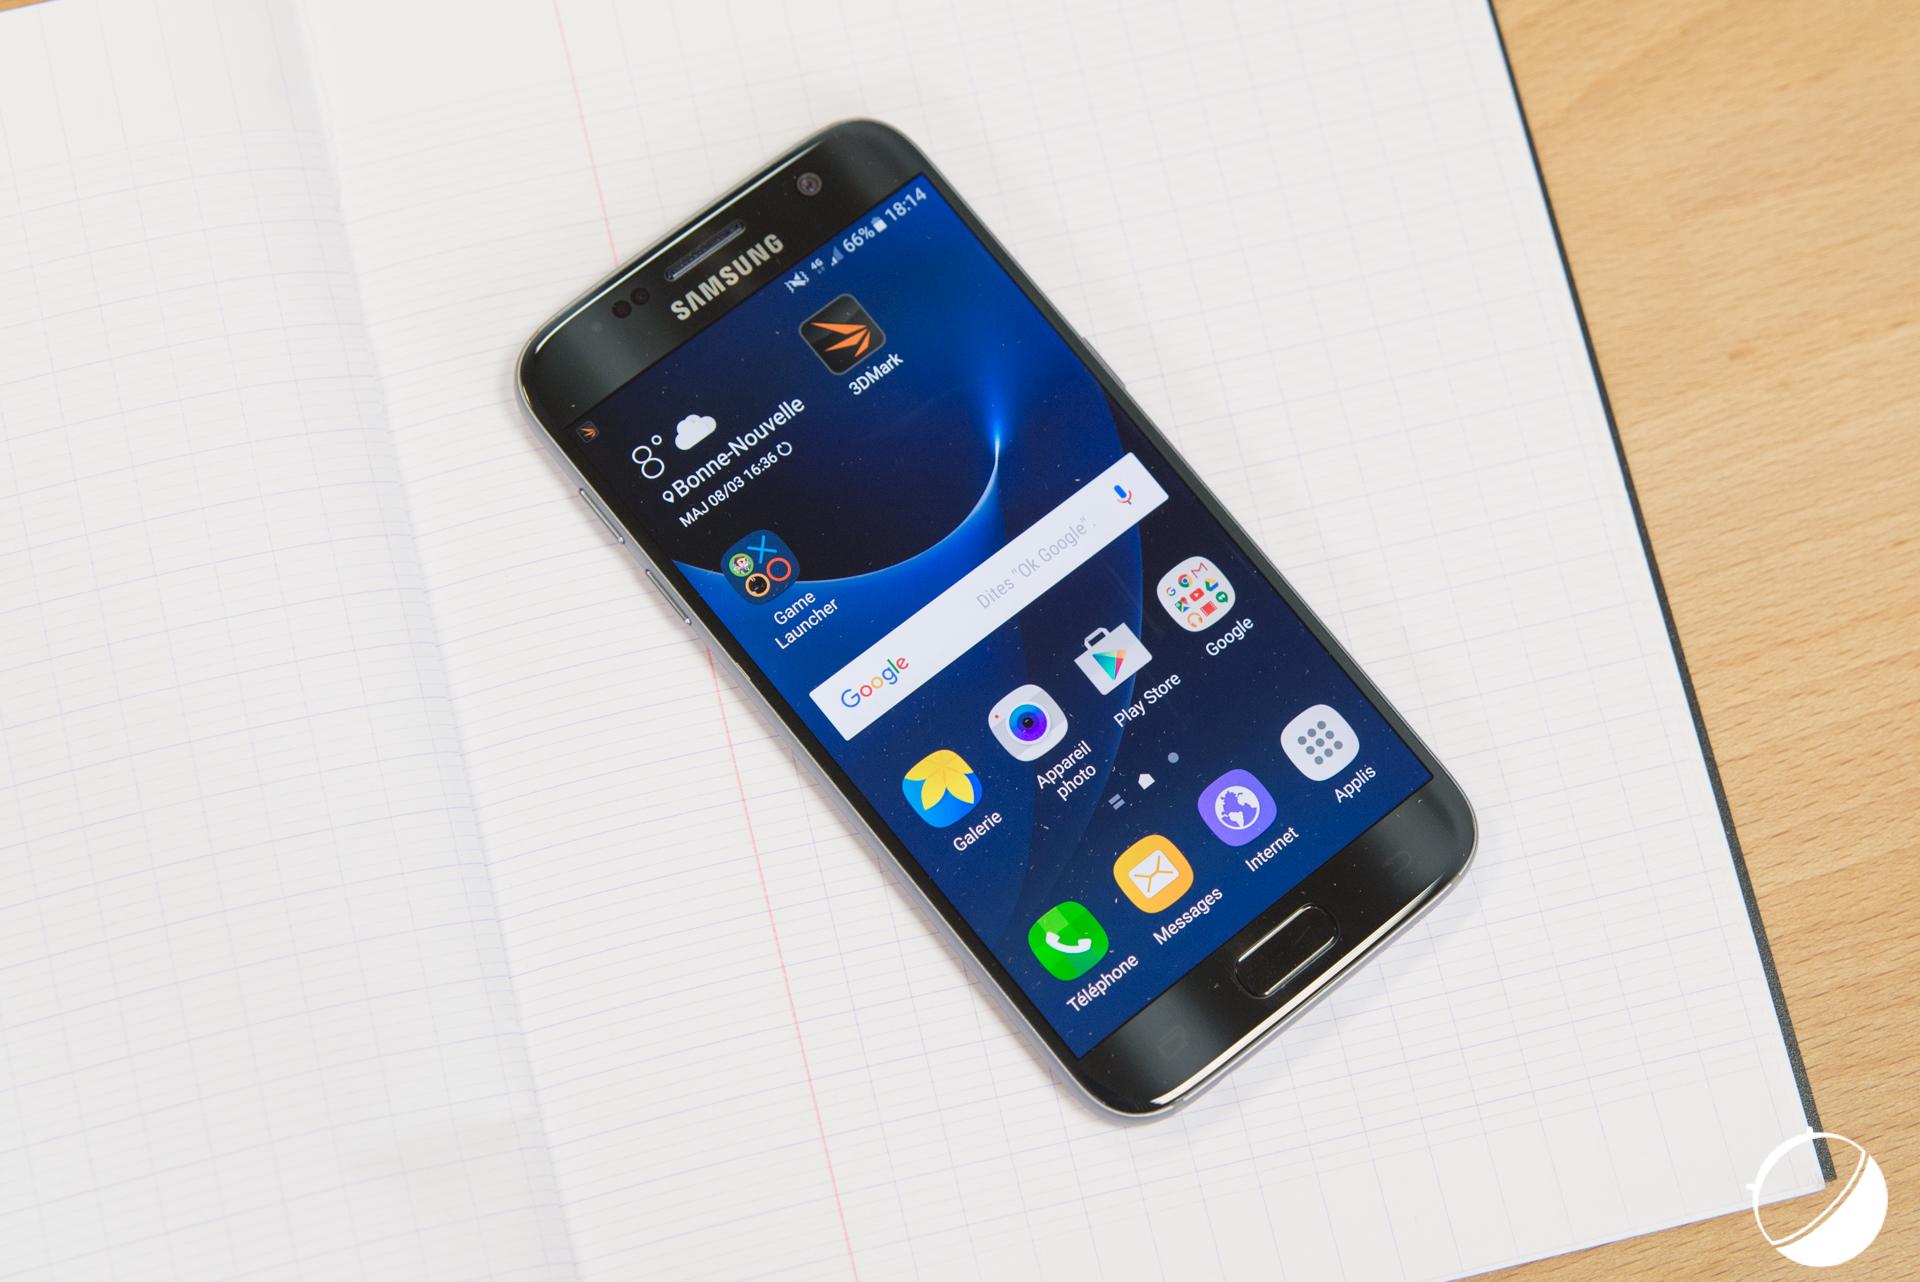 Samsung en passe de réaliser un bénéfice record grâce aux excellentes ventes du GalaxyS7